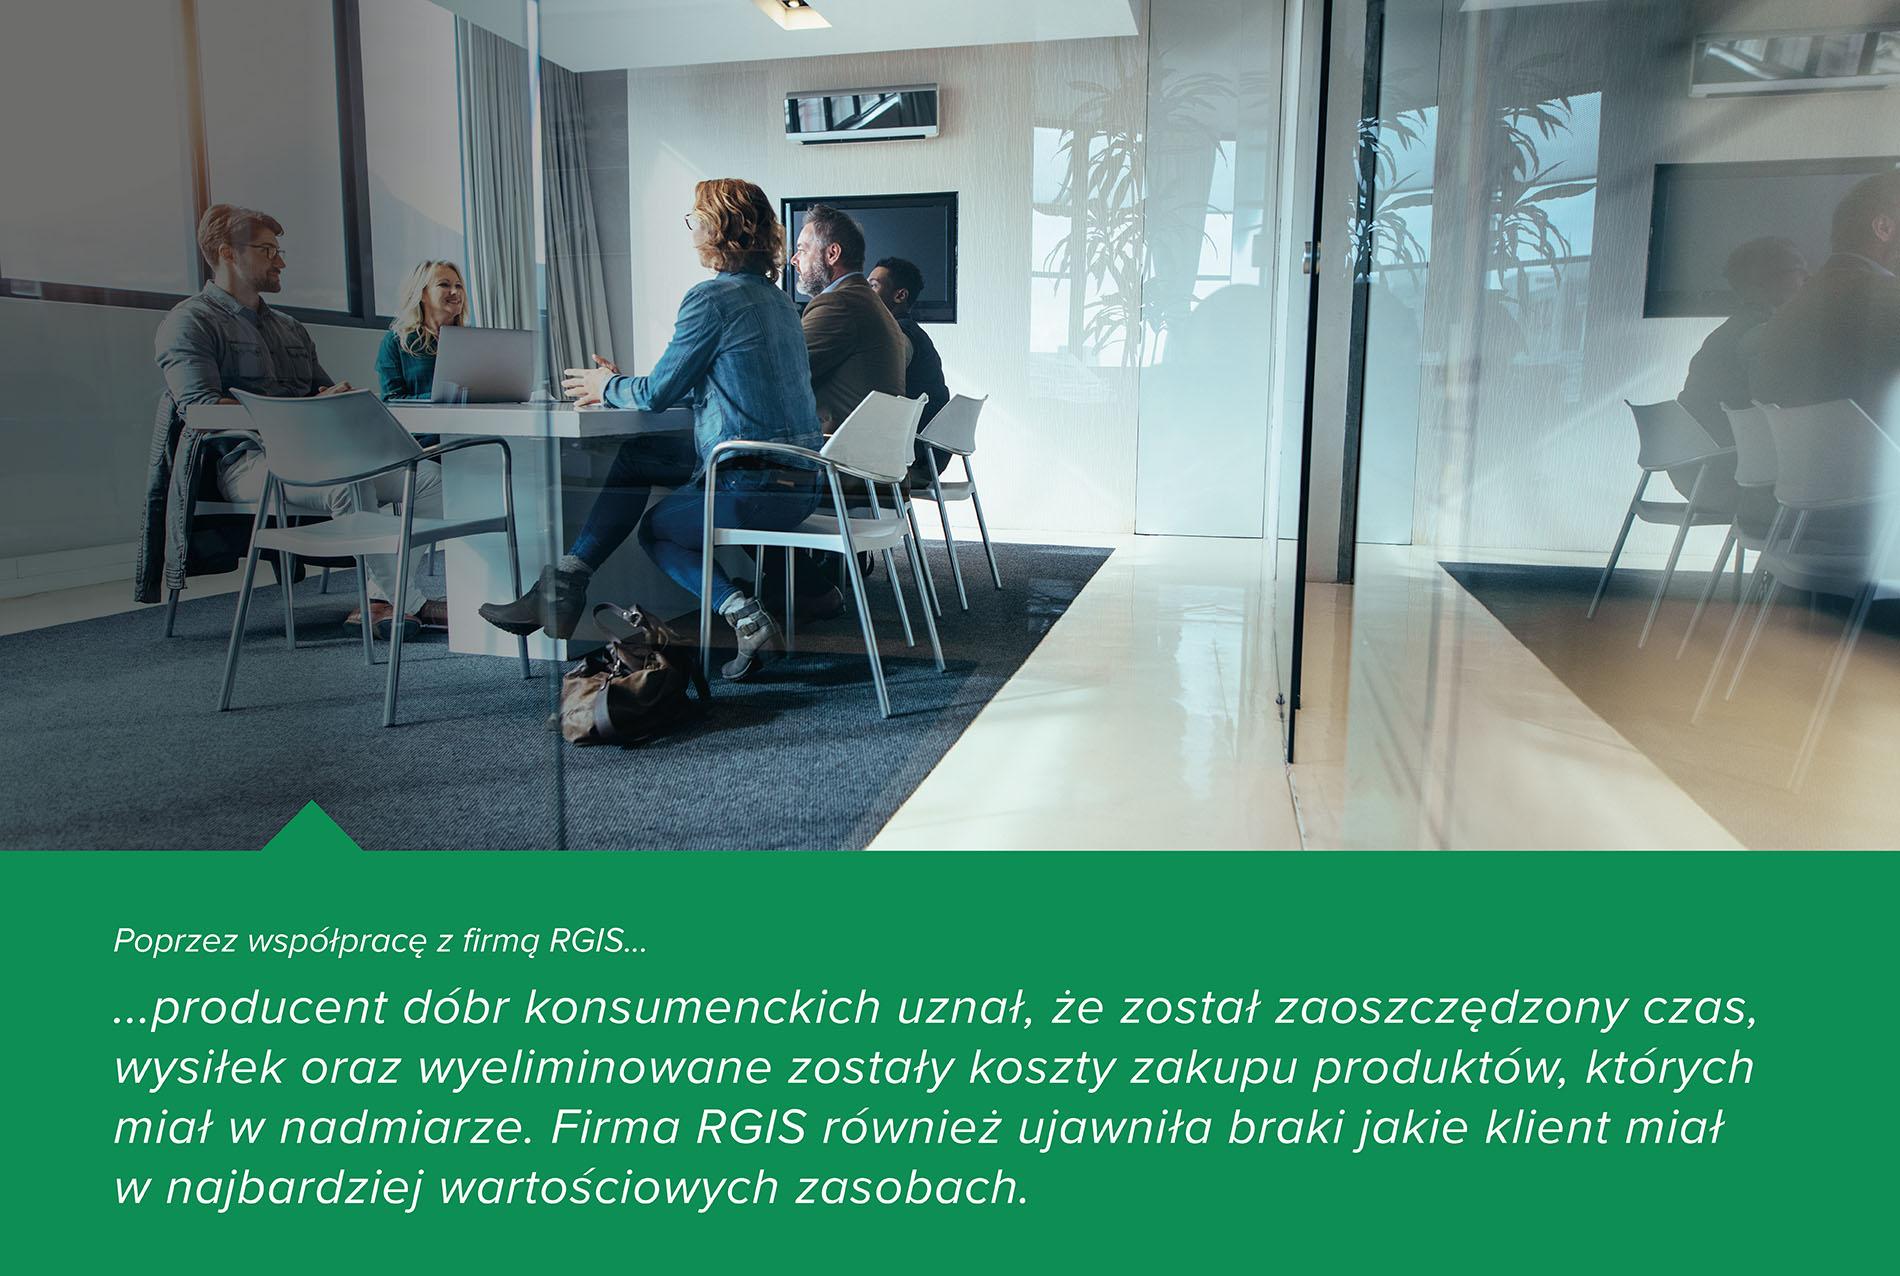 Studium przypadku RGIS dotyczące stałej liczby aktywów w biurach i zakładzie produkcyjnym